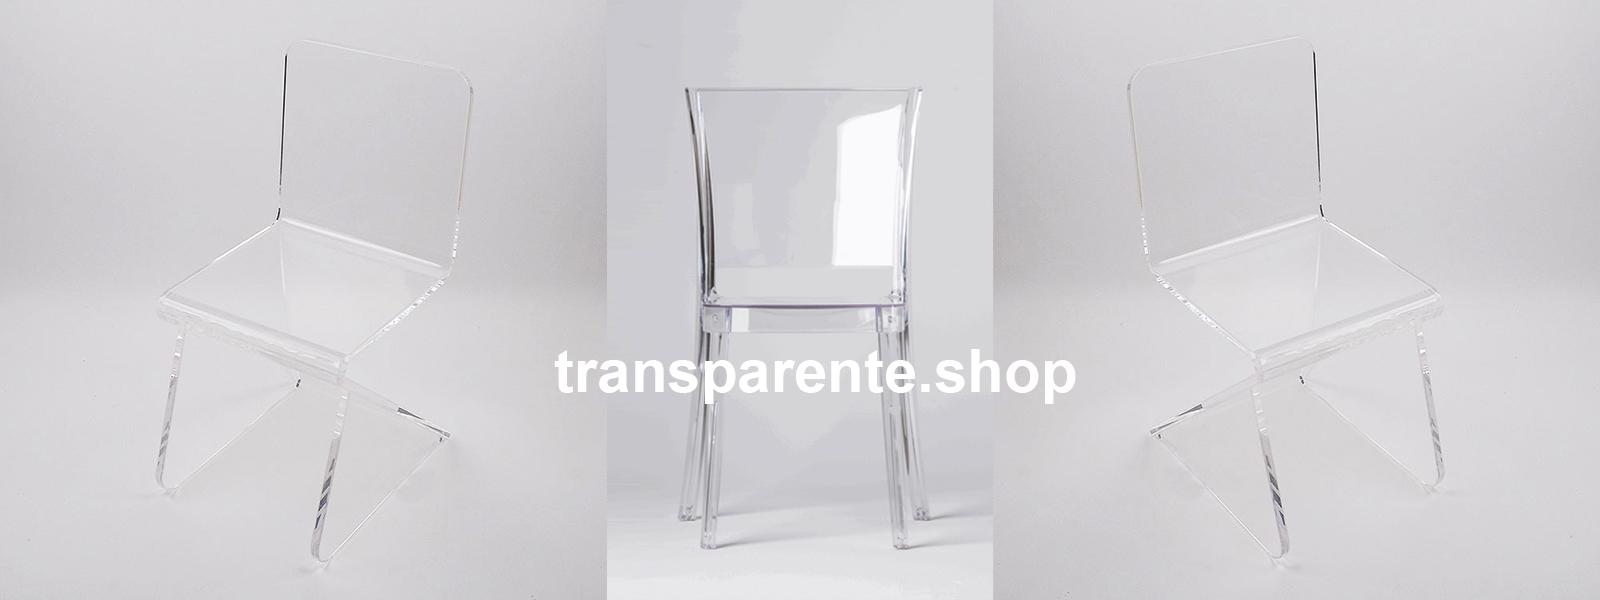 tienda online de artículos transparentes